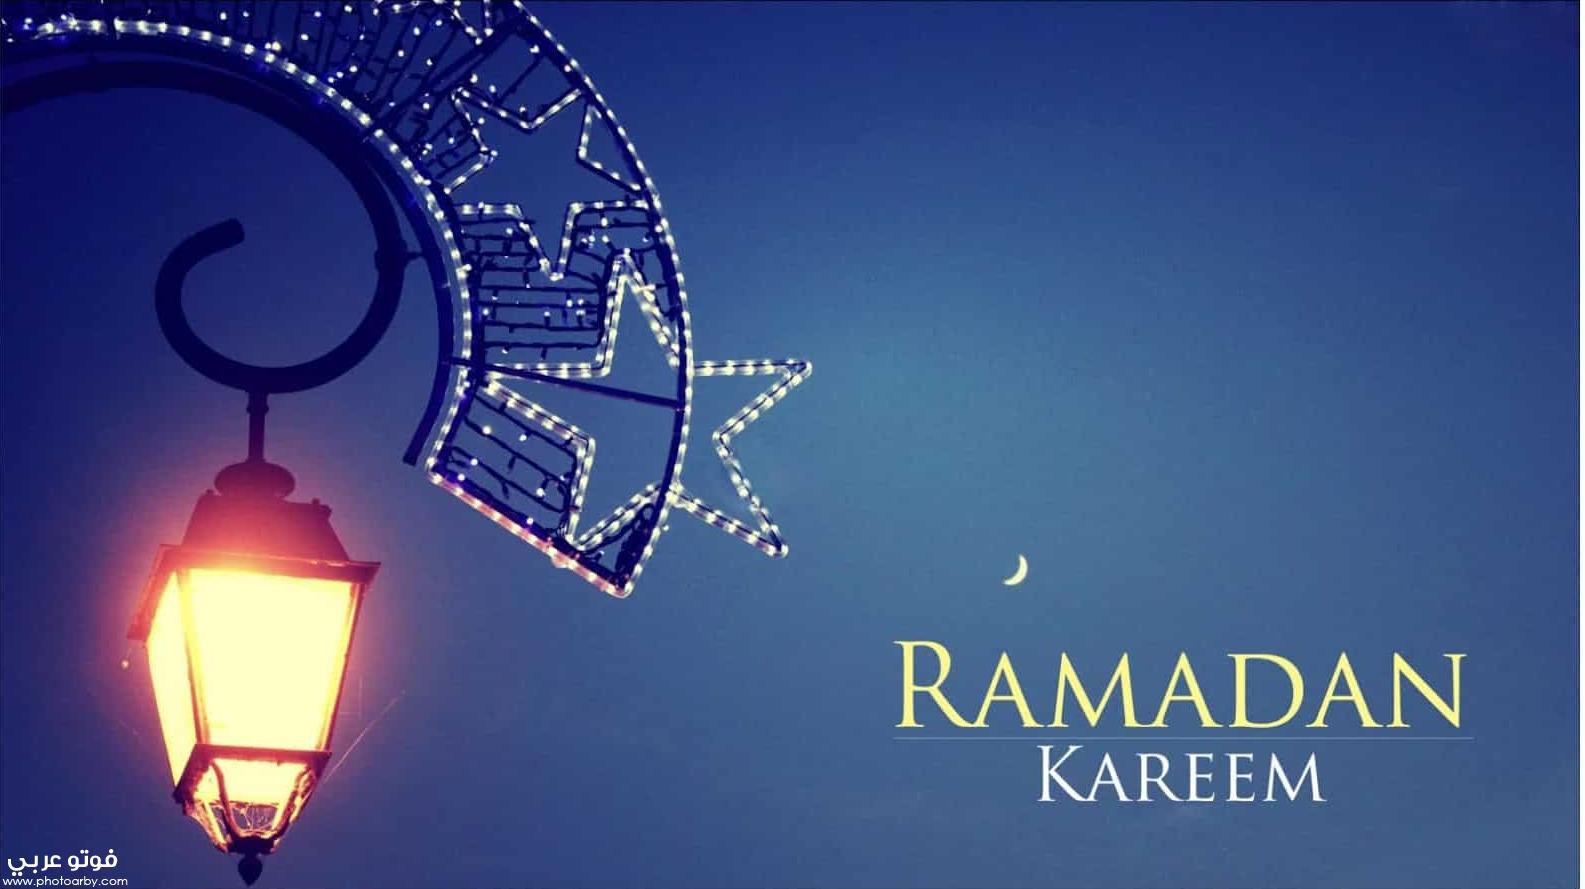 خلفيات رمضانية بجودة HD مميزة